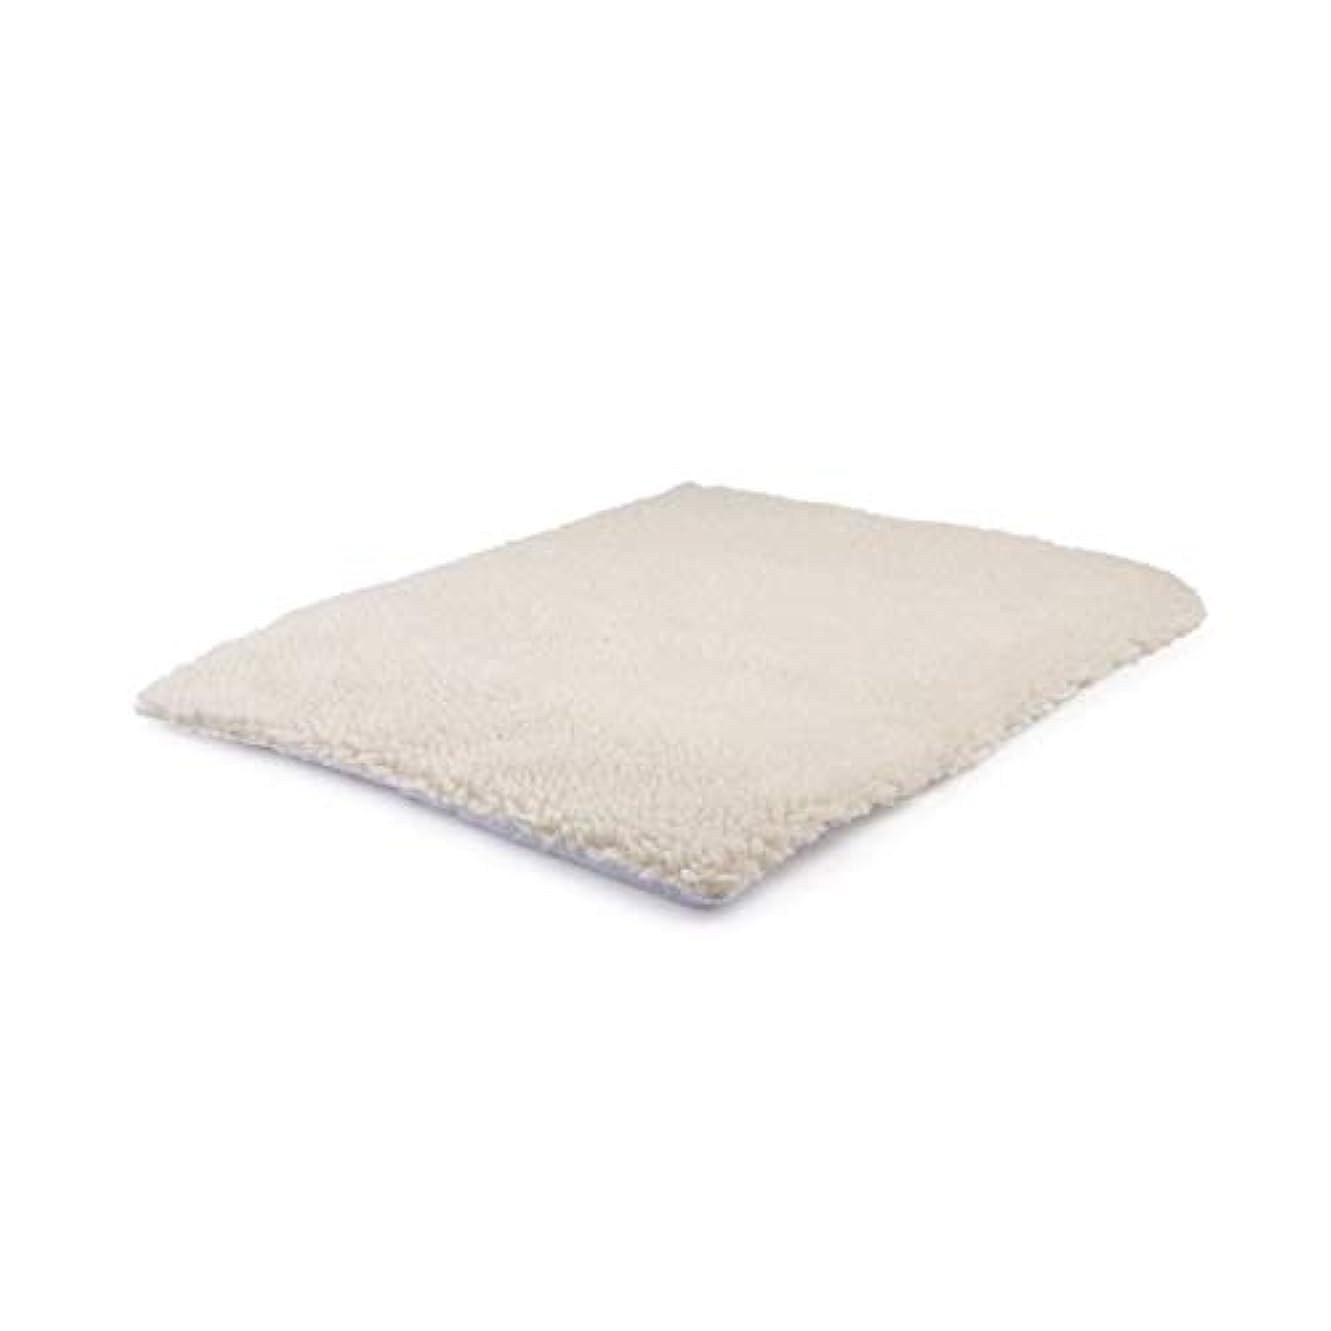 化合物パスタひねくれたSaikogoods 自己発熱ペット毛布 ペットベッド ウォッシャブル ノーエレクトリック スーパーソフト 子犬子猫毛布 ベッドマット ベージュ 640×460mm